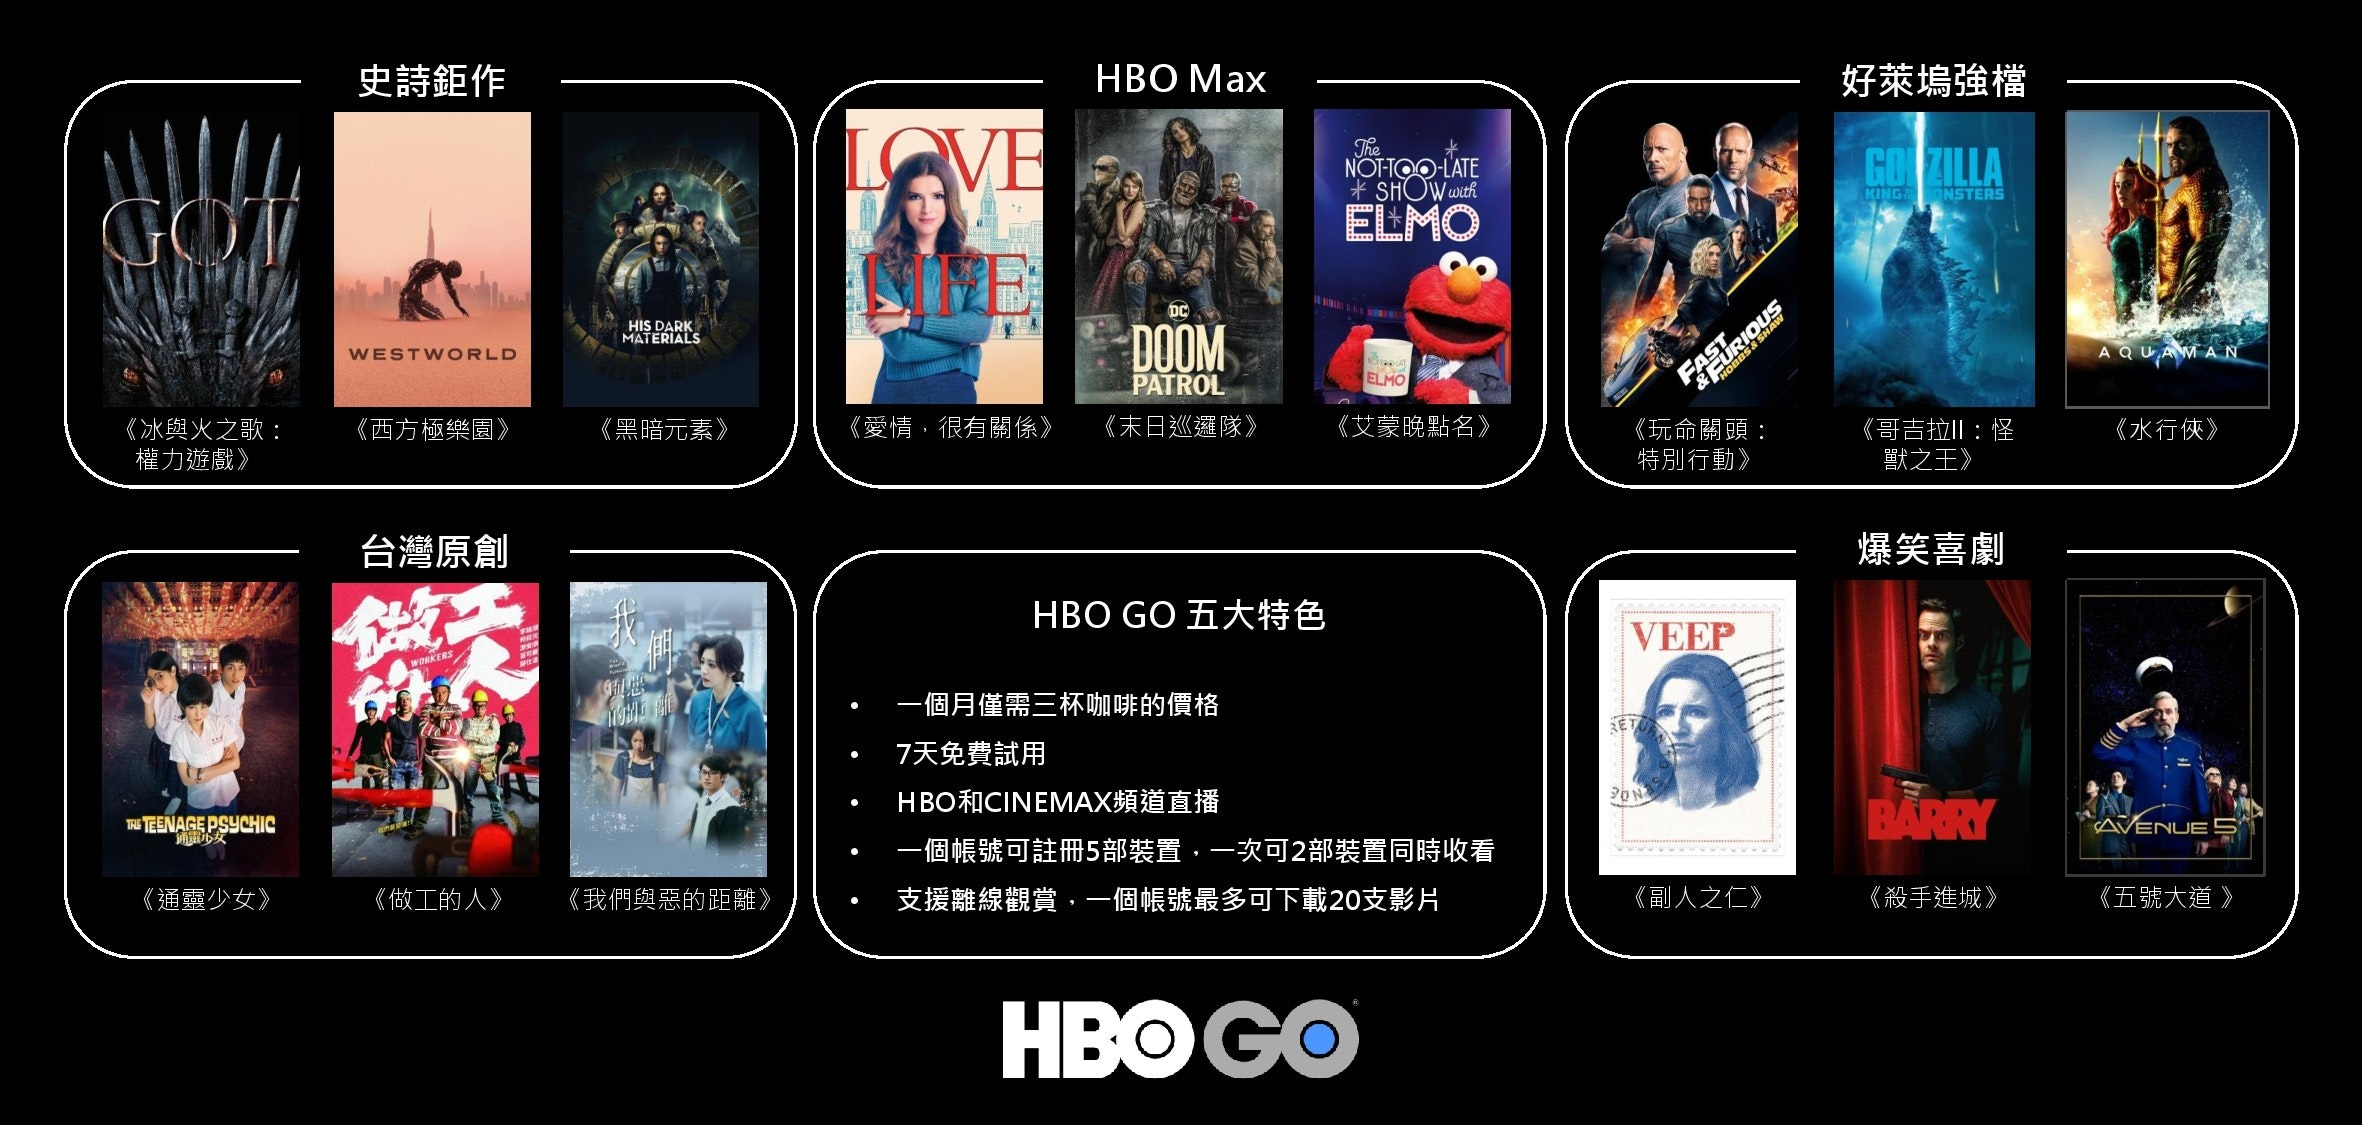 照片中提到了史詩鉅作、НВО Мах、好萊塢強檔,跟高壓氧、埃薩倫學院有關,包含了電視節目、華納傳媒、手機、HBO Go